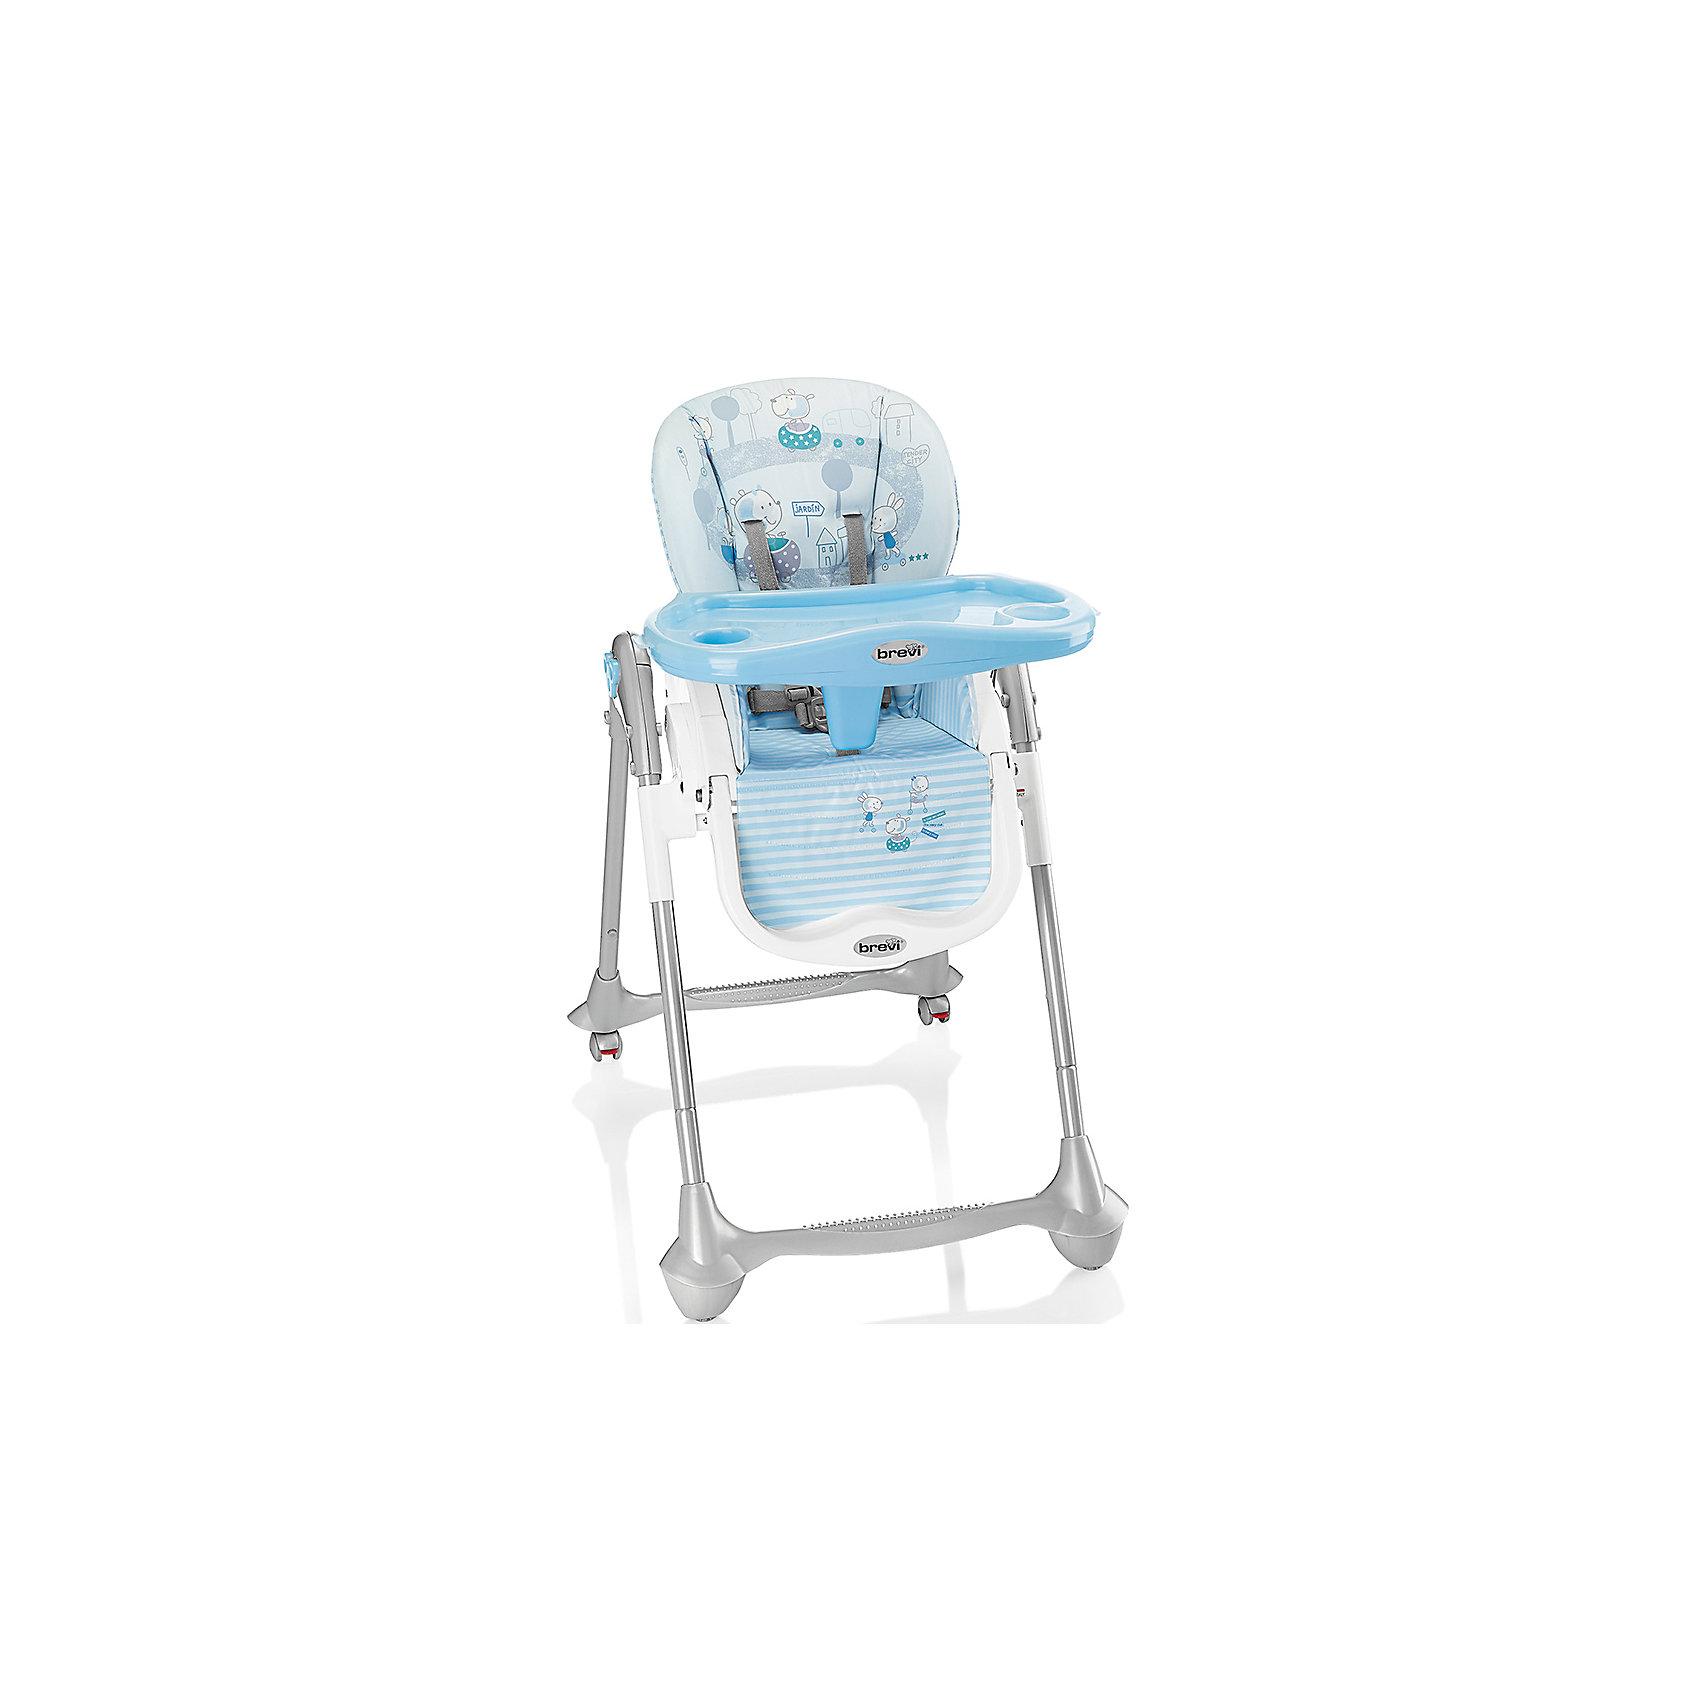 Стульчик для кормления Convivio, Brevi, голубой/полоскиConvivio, Brevi (брэви) – стульчик для кормления детей от 6 месяцев до 3 лет. Есть три положения спинки для удобства ребенка, три положения подножки и четыре уровня сиденья. Кроме того, привлекательная расцветка превратит любое кормление в настоящее удовольствие для вас и вашего малыша.<br>Особенности и преимущества:<br>-колеса с фиксатором для удобства перемещения стульчика<br>-легкомоющиеся материалы<br>-5-точечные ремни для максимальной безопасности малыша<br>-двойной съемный поднос<br>-очень компактен в собранном виде<br>Размеры: 33x57x68 см<br>Вес: 10,3 кг<br>ВНИМАНИЕ! Данный артикул имеется в наличии в разных цветовых исполнениях (св.серый/лисички, розовый/зайчик, оранжевый/сафари, голубой/полоски, бежевый/мишка). К сожалению, заранее выбрать определенный цвет не возможно.<br>Вы можете приобрести стульчик для кормления Convivio в нашем интернет-магазине<br><br>Ширина мм: 680<br>Глубина мм: 570<br>Высота мм: 330<br>Вес г: 10300<br>Возраст от месяцев: 6<br>Возраст до месяцев: 36<br>Пол: Мужской<br>Возраст: Детский<br>SKU: 4902075